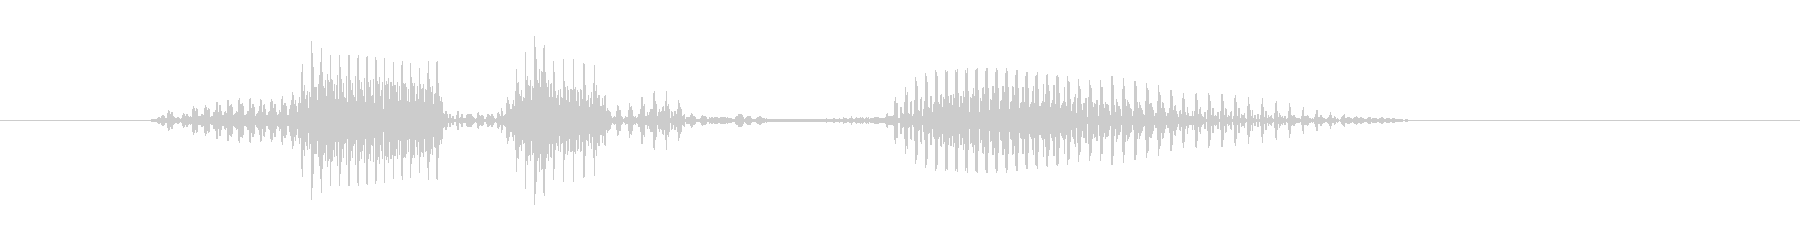 レベル4(ふぉー)の未再生の波形